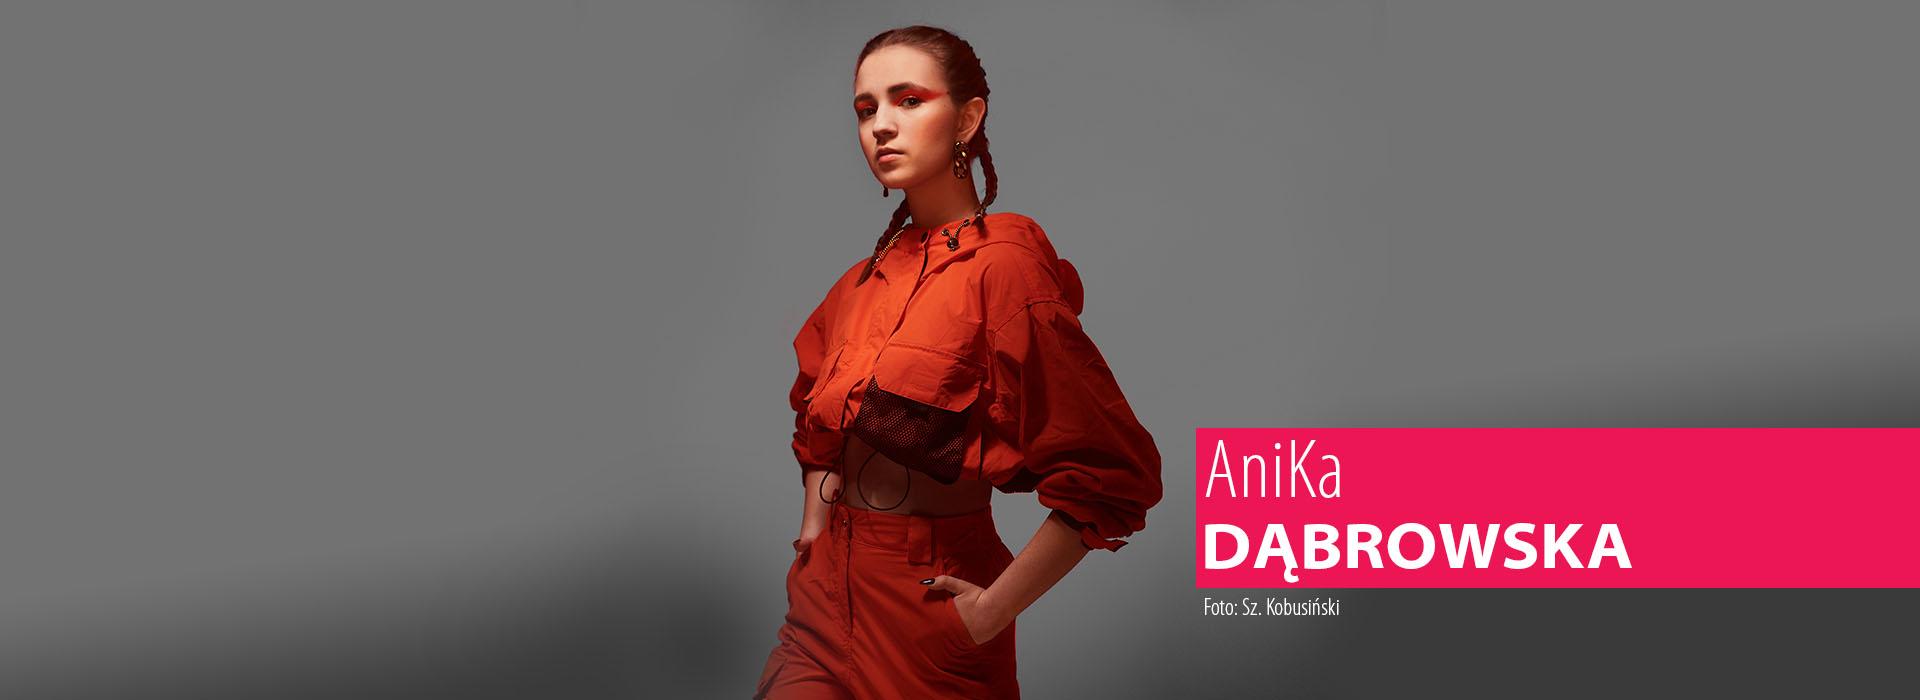 AniKa Dąbrowska